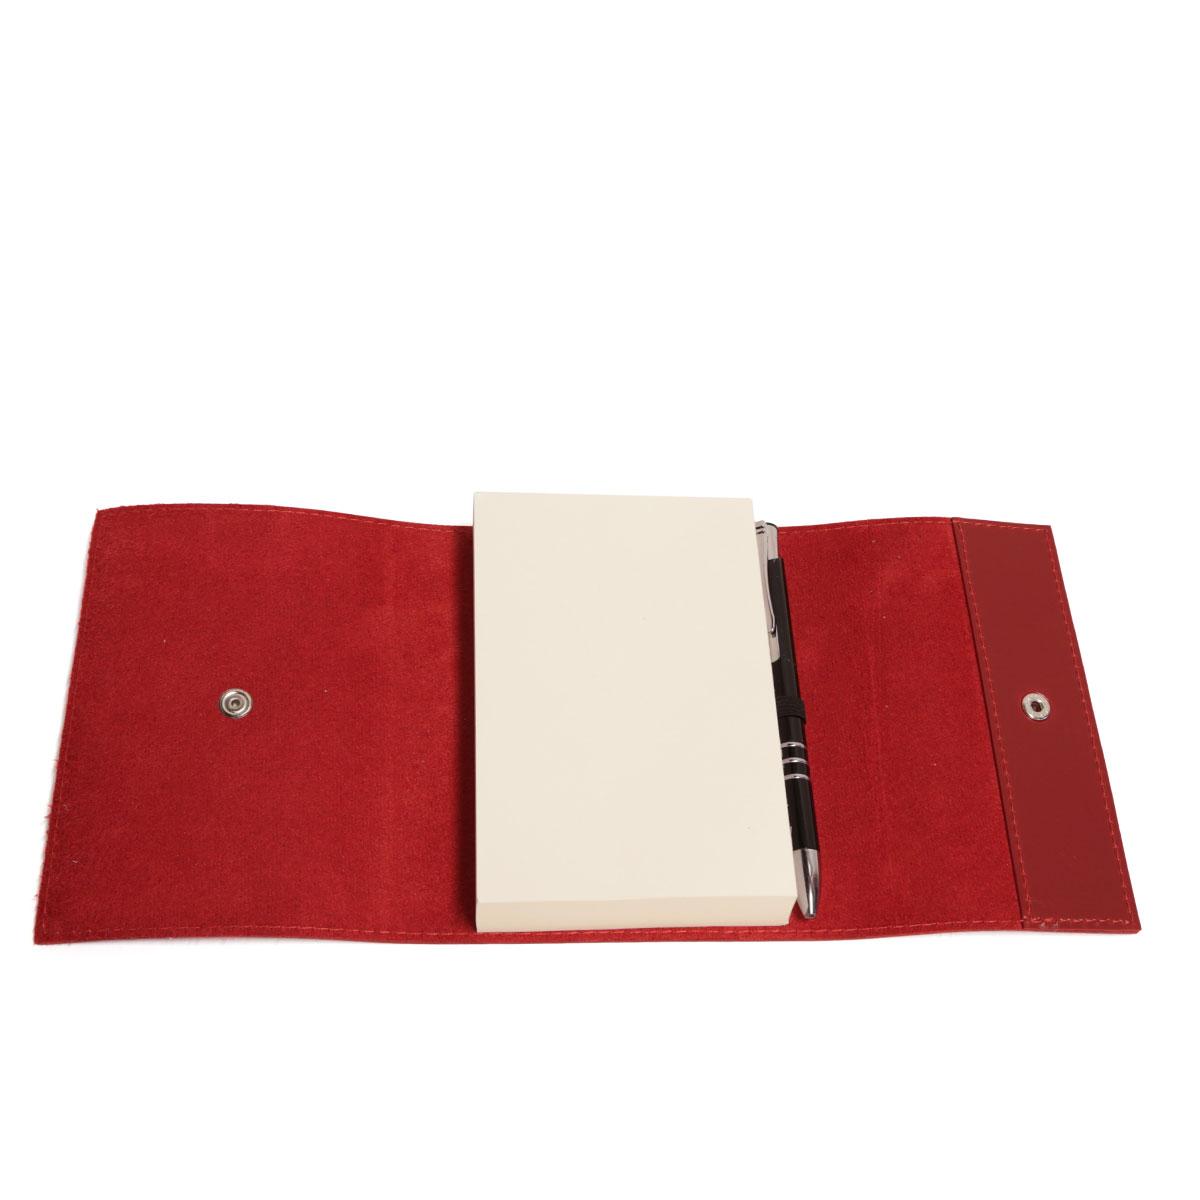 Bloco envelope com caneta (Montana Vermelho)